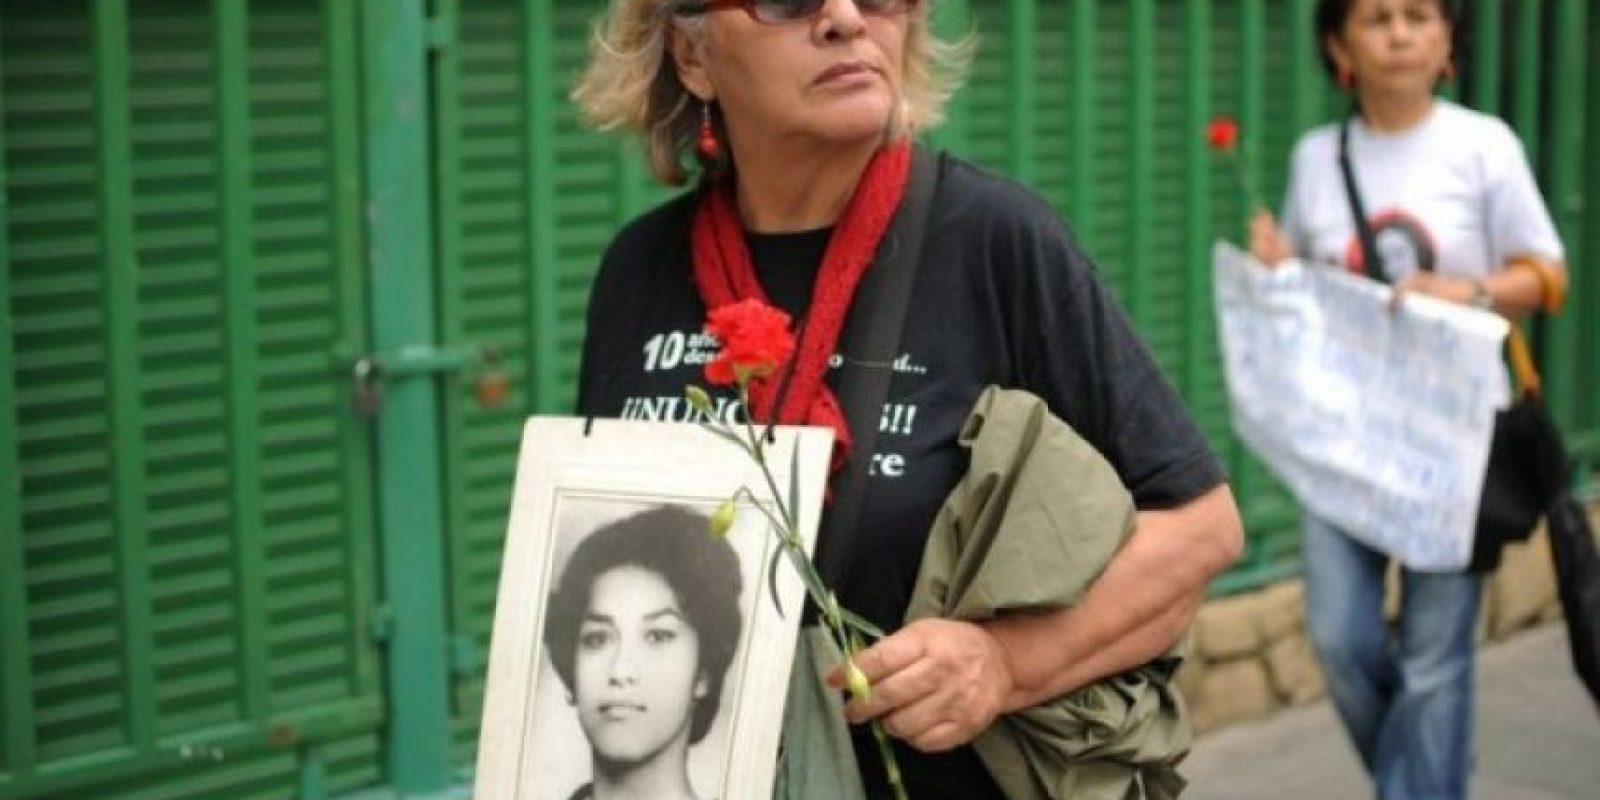 Marcha. Piden justicia por delito de genocidio Al menos 500 activistas de derechos humanos manifestaron su rechazo al Día del Ejército y pidieron justicia por el caso de genocidio. Foto:Efe